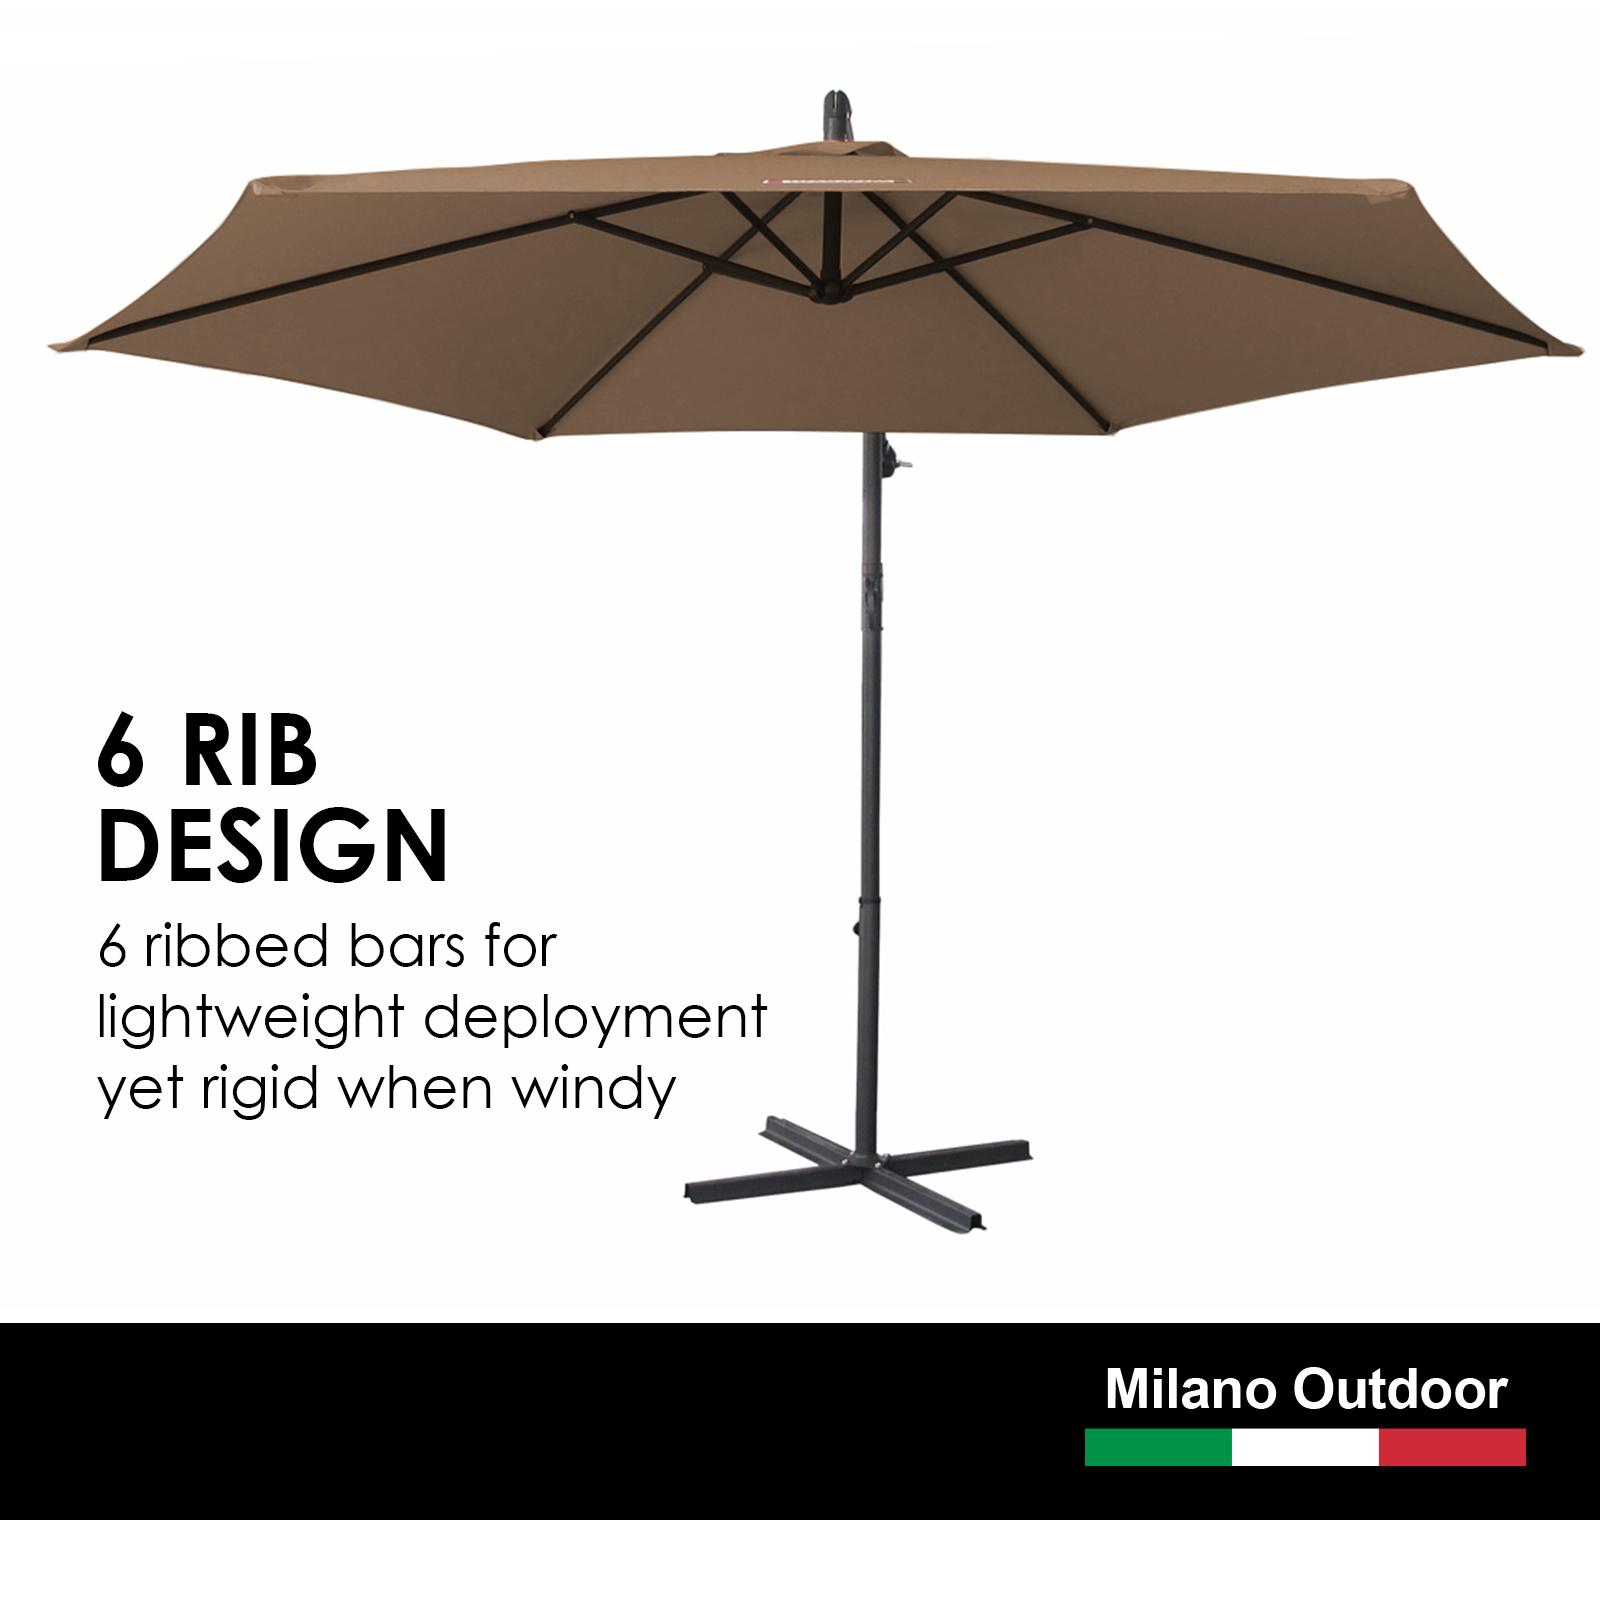 thumbnail 53 - Milano Outdoor 3 Metre Cantilever Umbrella UV Sunshade Garden Patio Deck